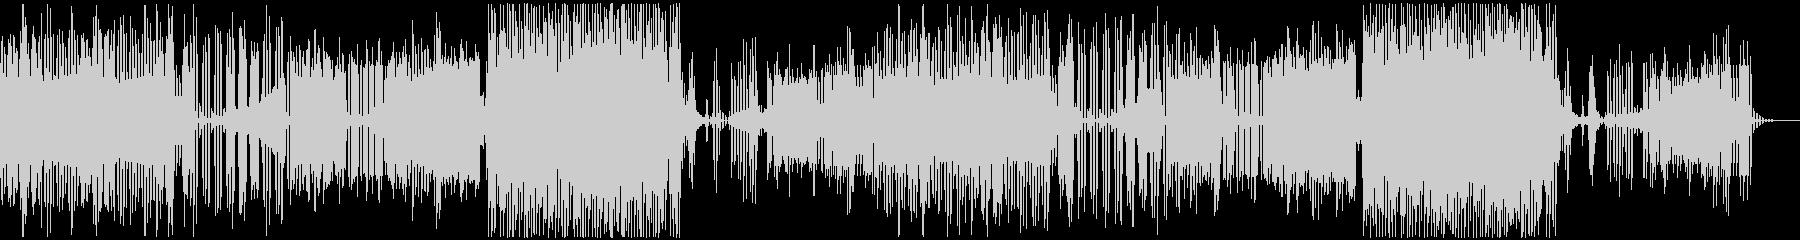 クール・スタイリッシュ・EDM・8の未再生の波形